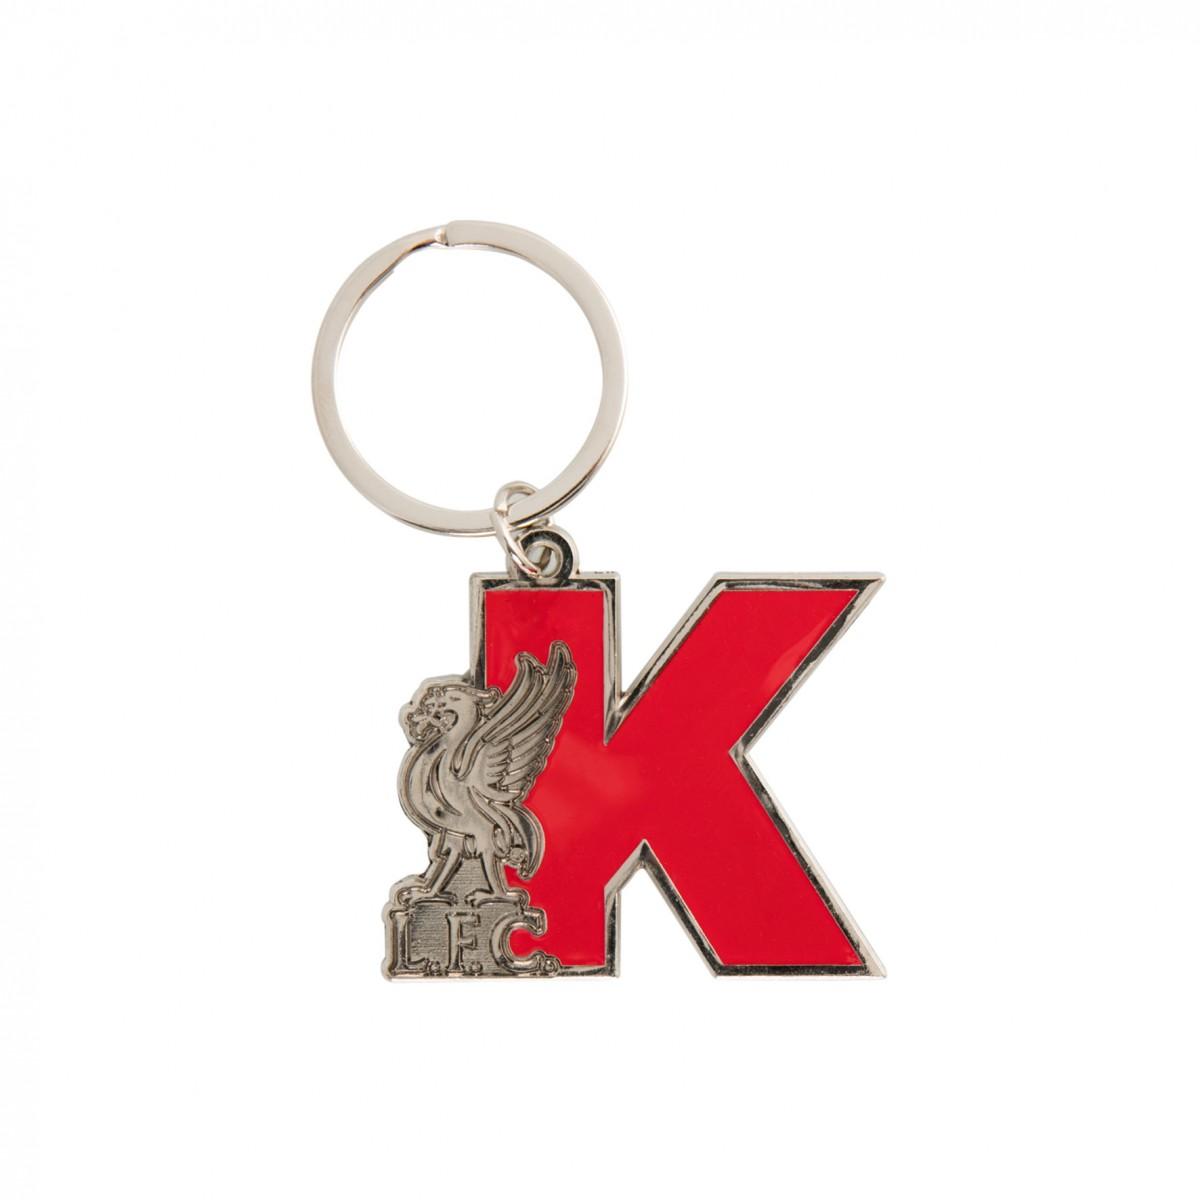 พวงกุญแจลิเวอร์พูลอักษรย่อ K ของแท้